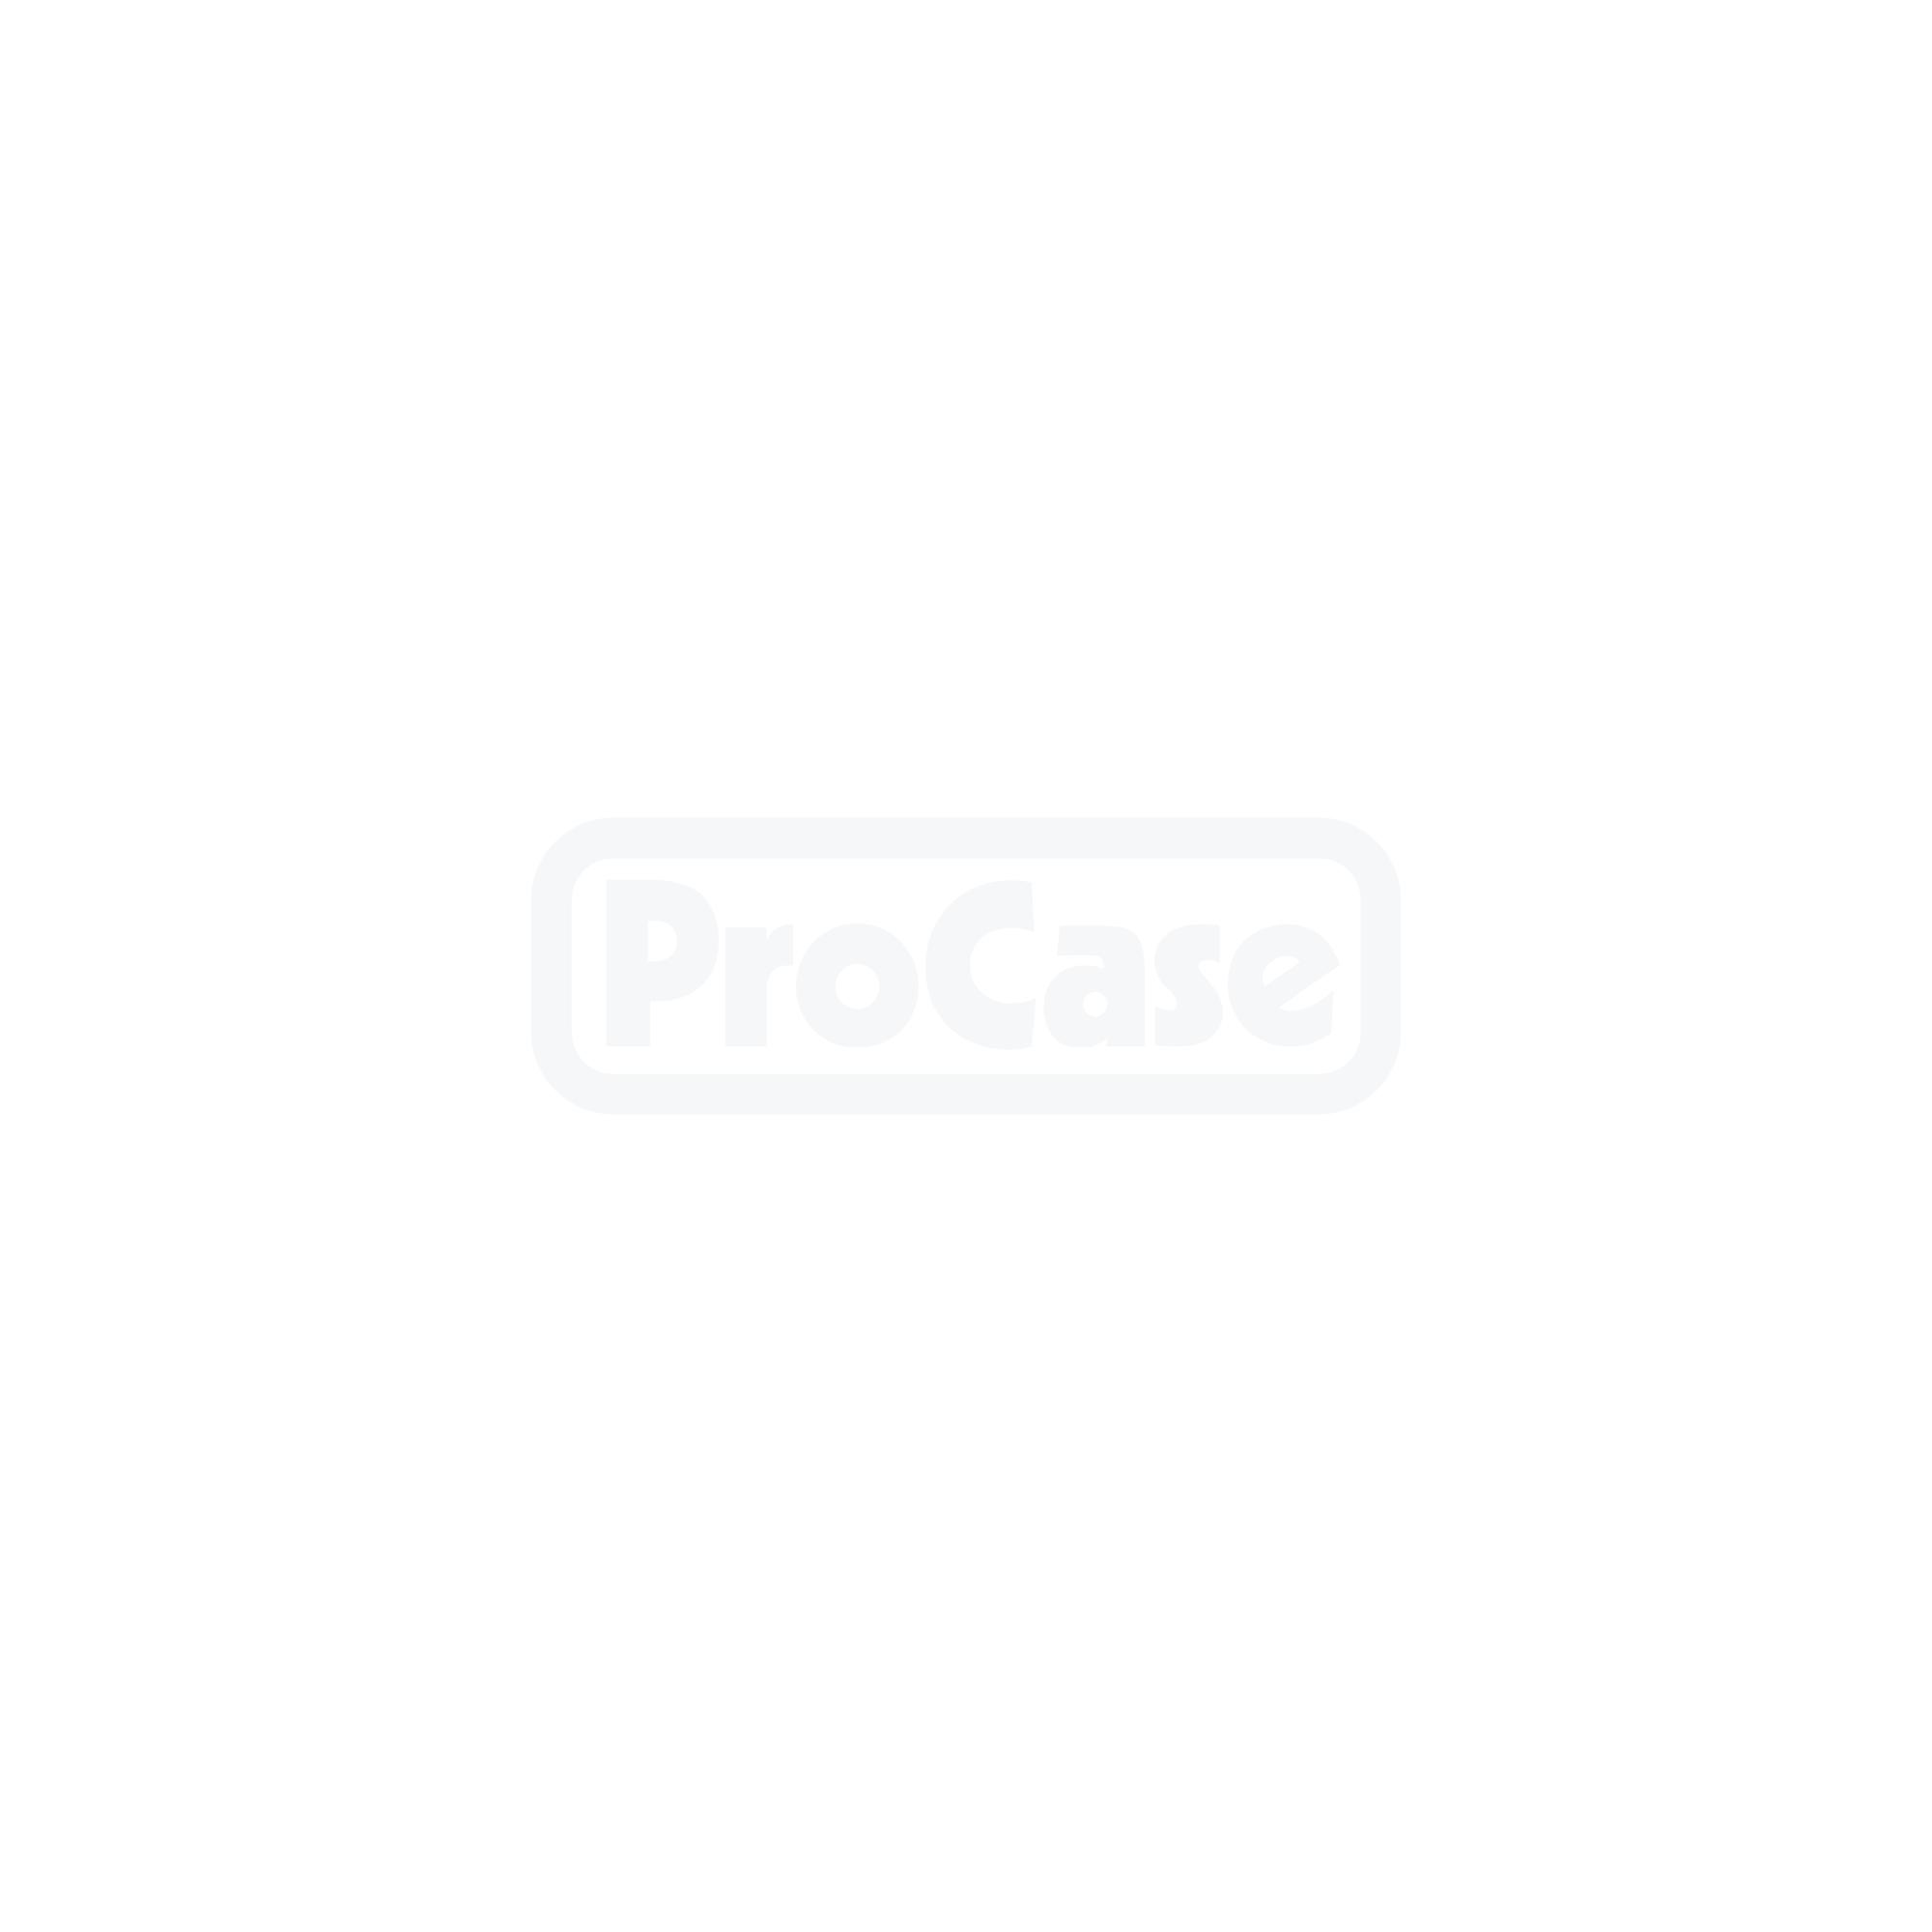 Flightcase für 4 ARRI True Blue ST1 mit TV Zapfen